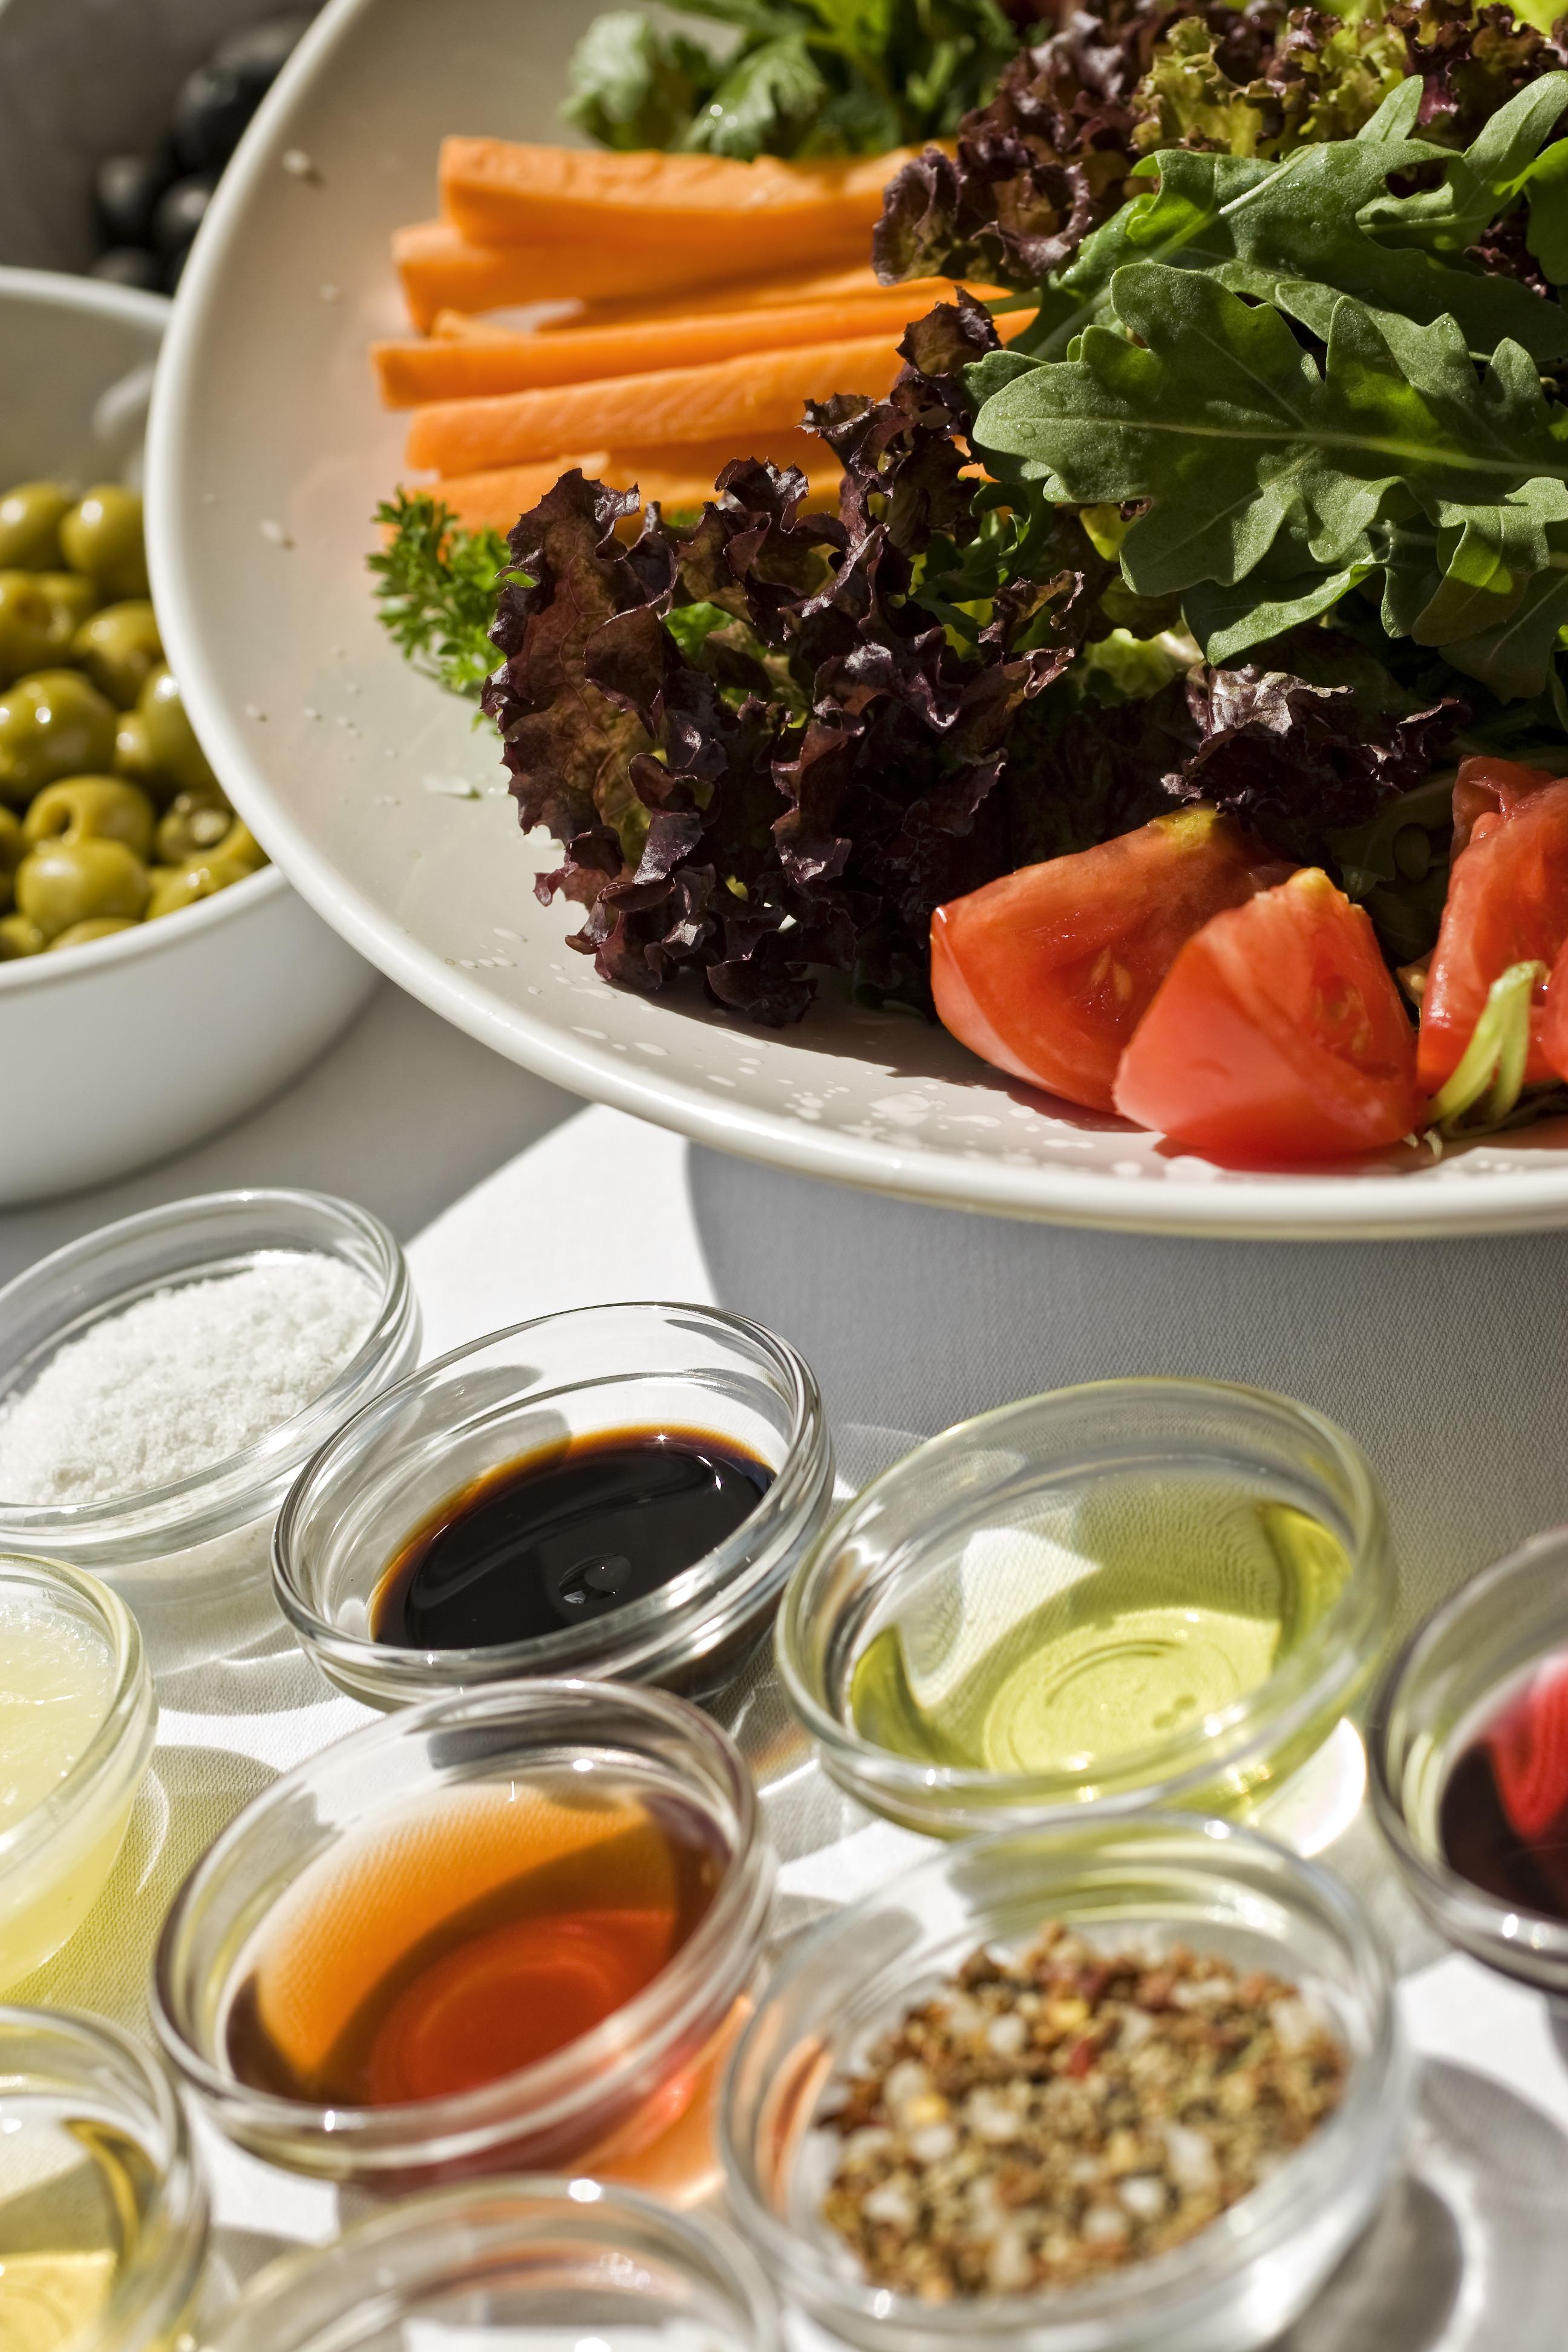 Zöldségek a terített asztalon